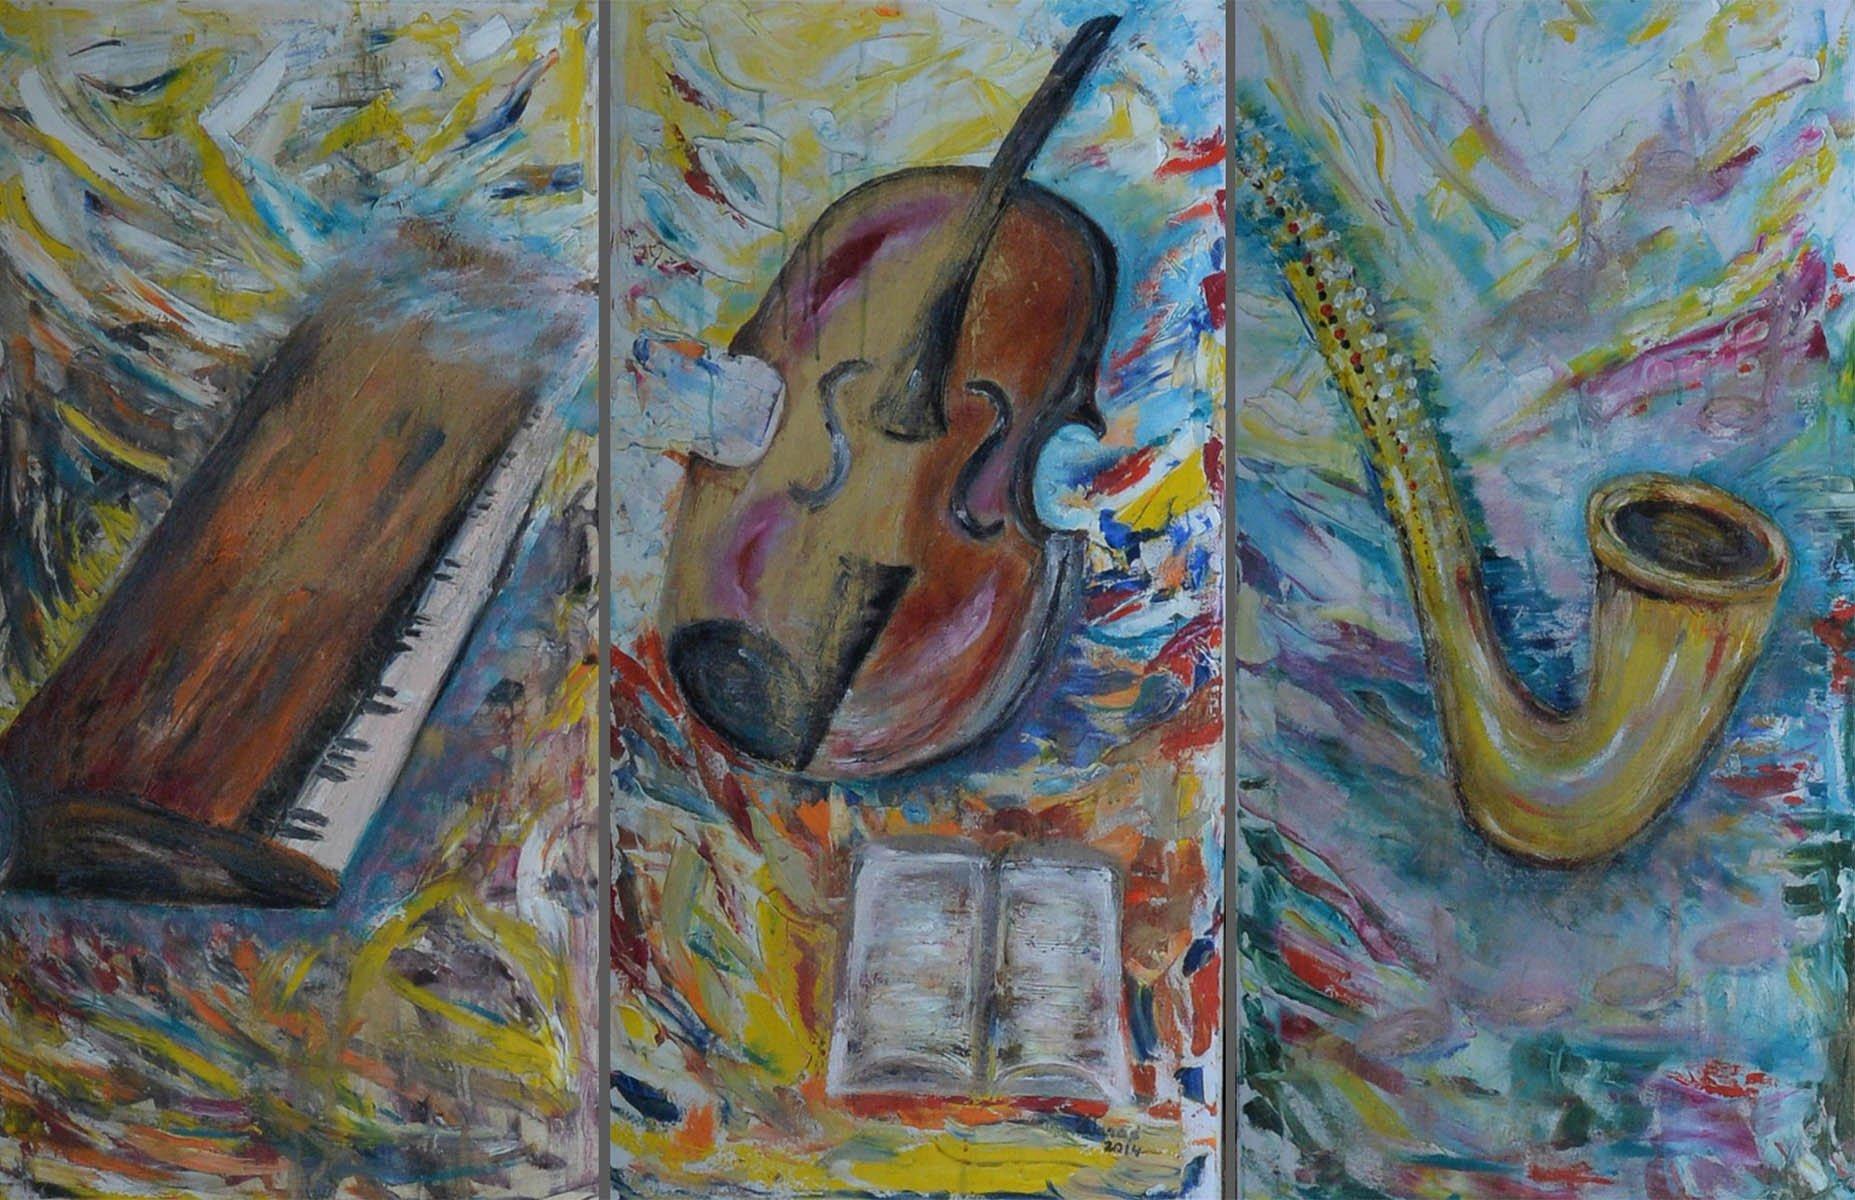 Muzikos instrumentai. Triptikas